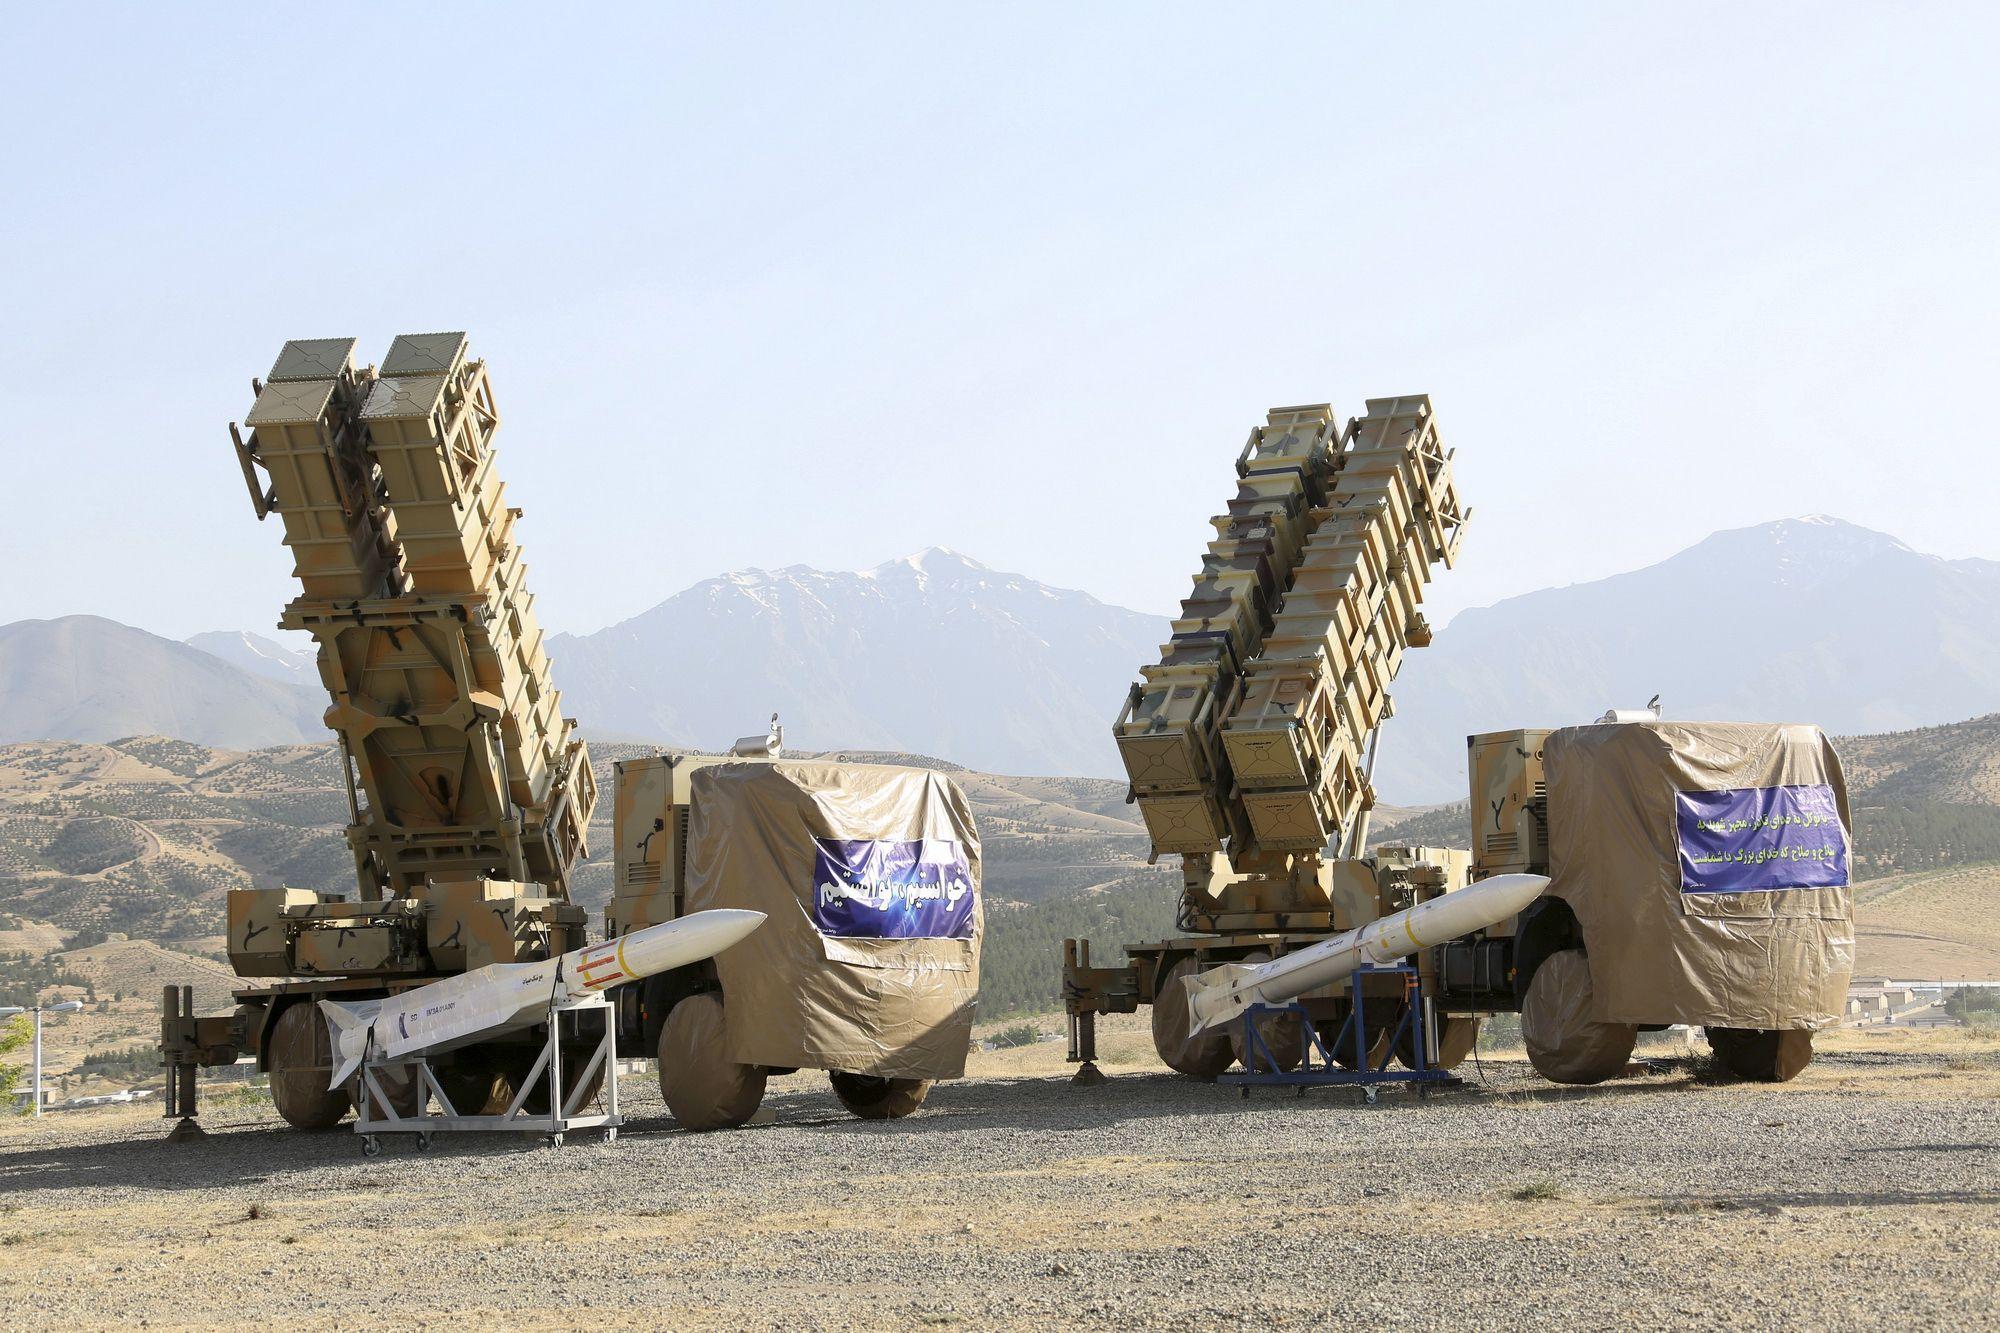 伊朗軍隊再傳捷報,突破美國制裁,防空部隊取得重要成果-圖3